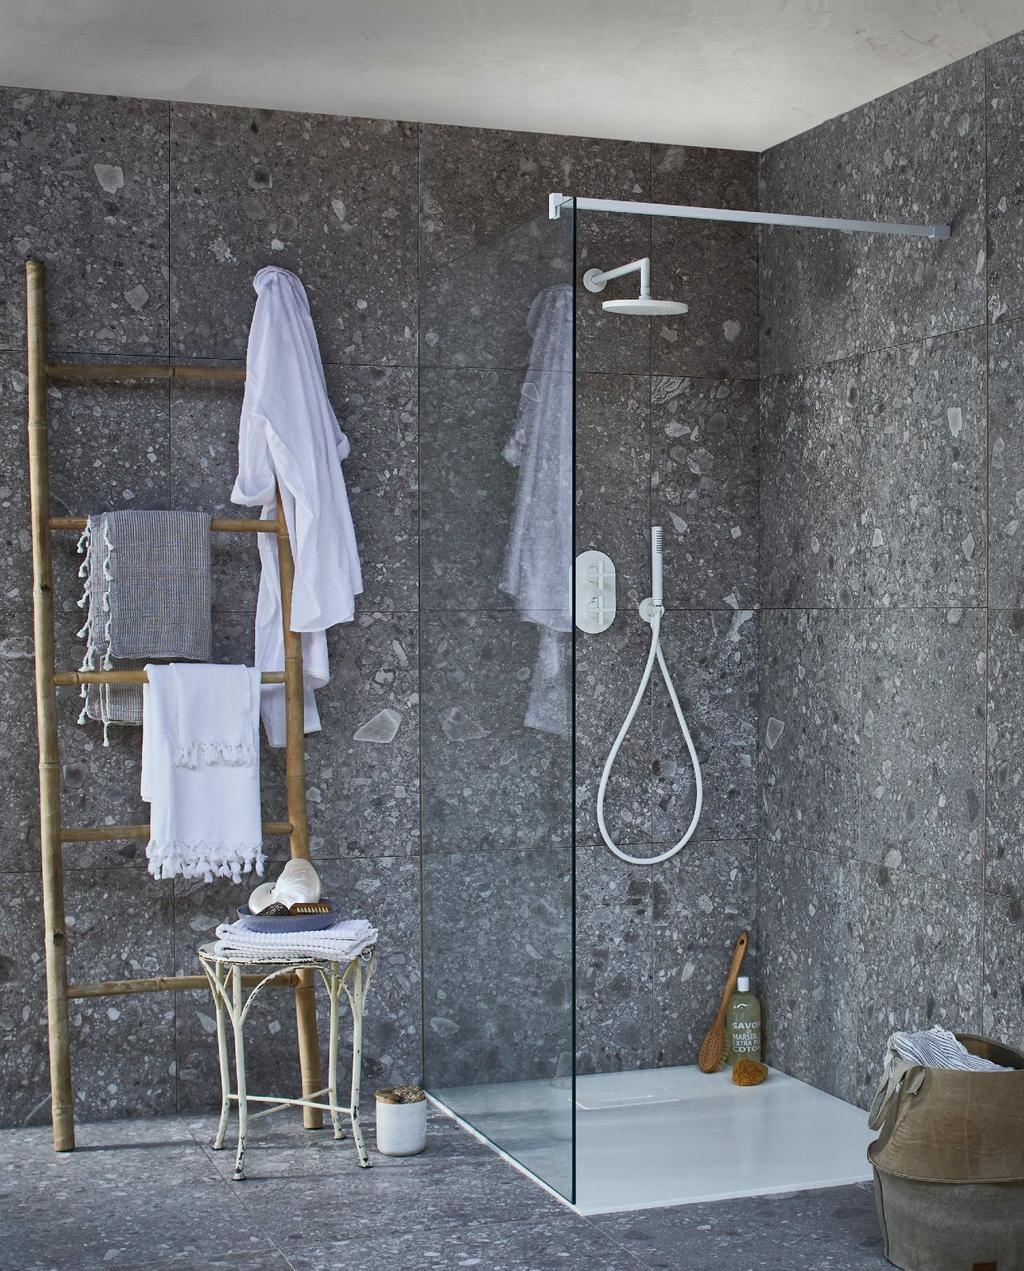 De meest gelikete badkamertrend op instagram